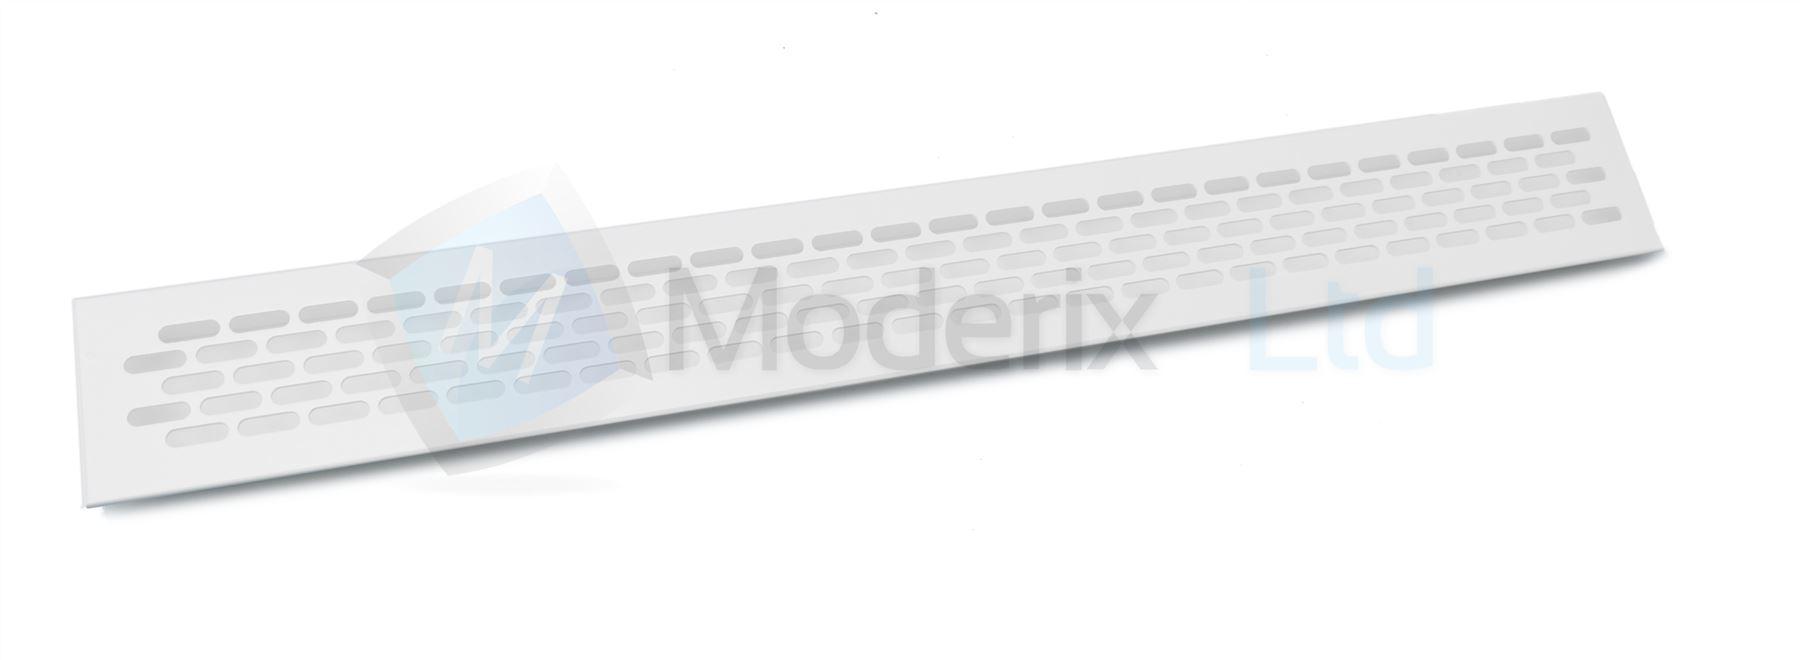 blanc plinthe cuisine grille ventilation plan de travail chaleur 480 x 60 mm ebay. Black Bedroom Furniture Sets. Home Design Ideas